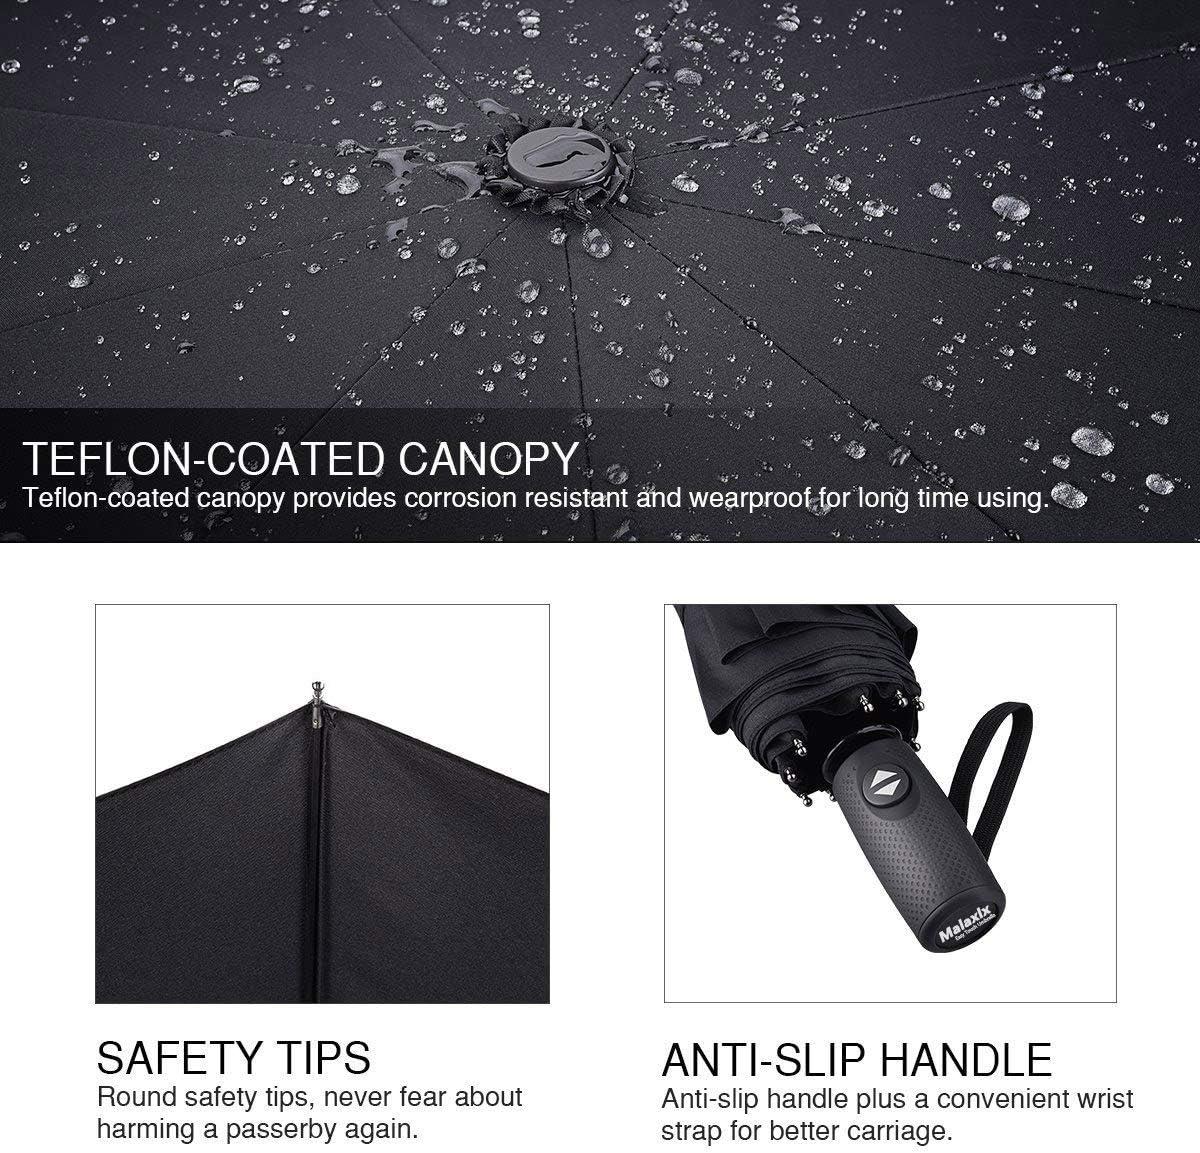 Ouverture et Fermeture Automatique Portable Compact Ultra-l/éger Incassable 10 Nervures 210T T/éflon pour Homme Femme de Voyage(Noir) Malaxlx Parapluie Pliant Coupe-Vent